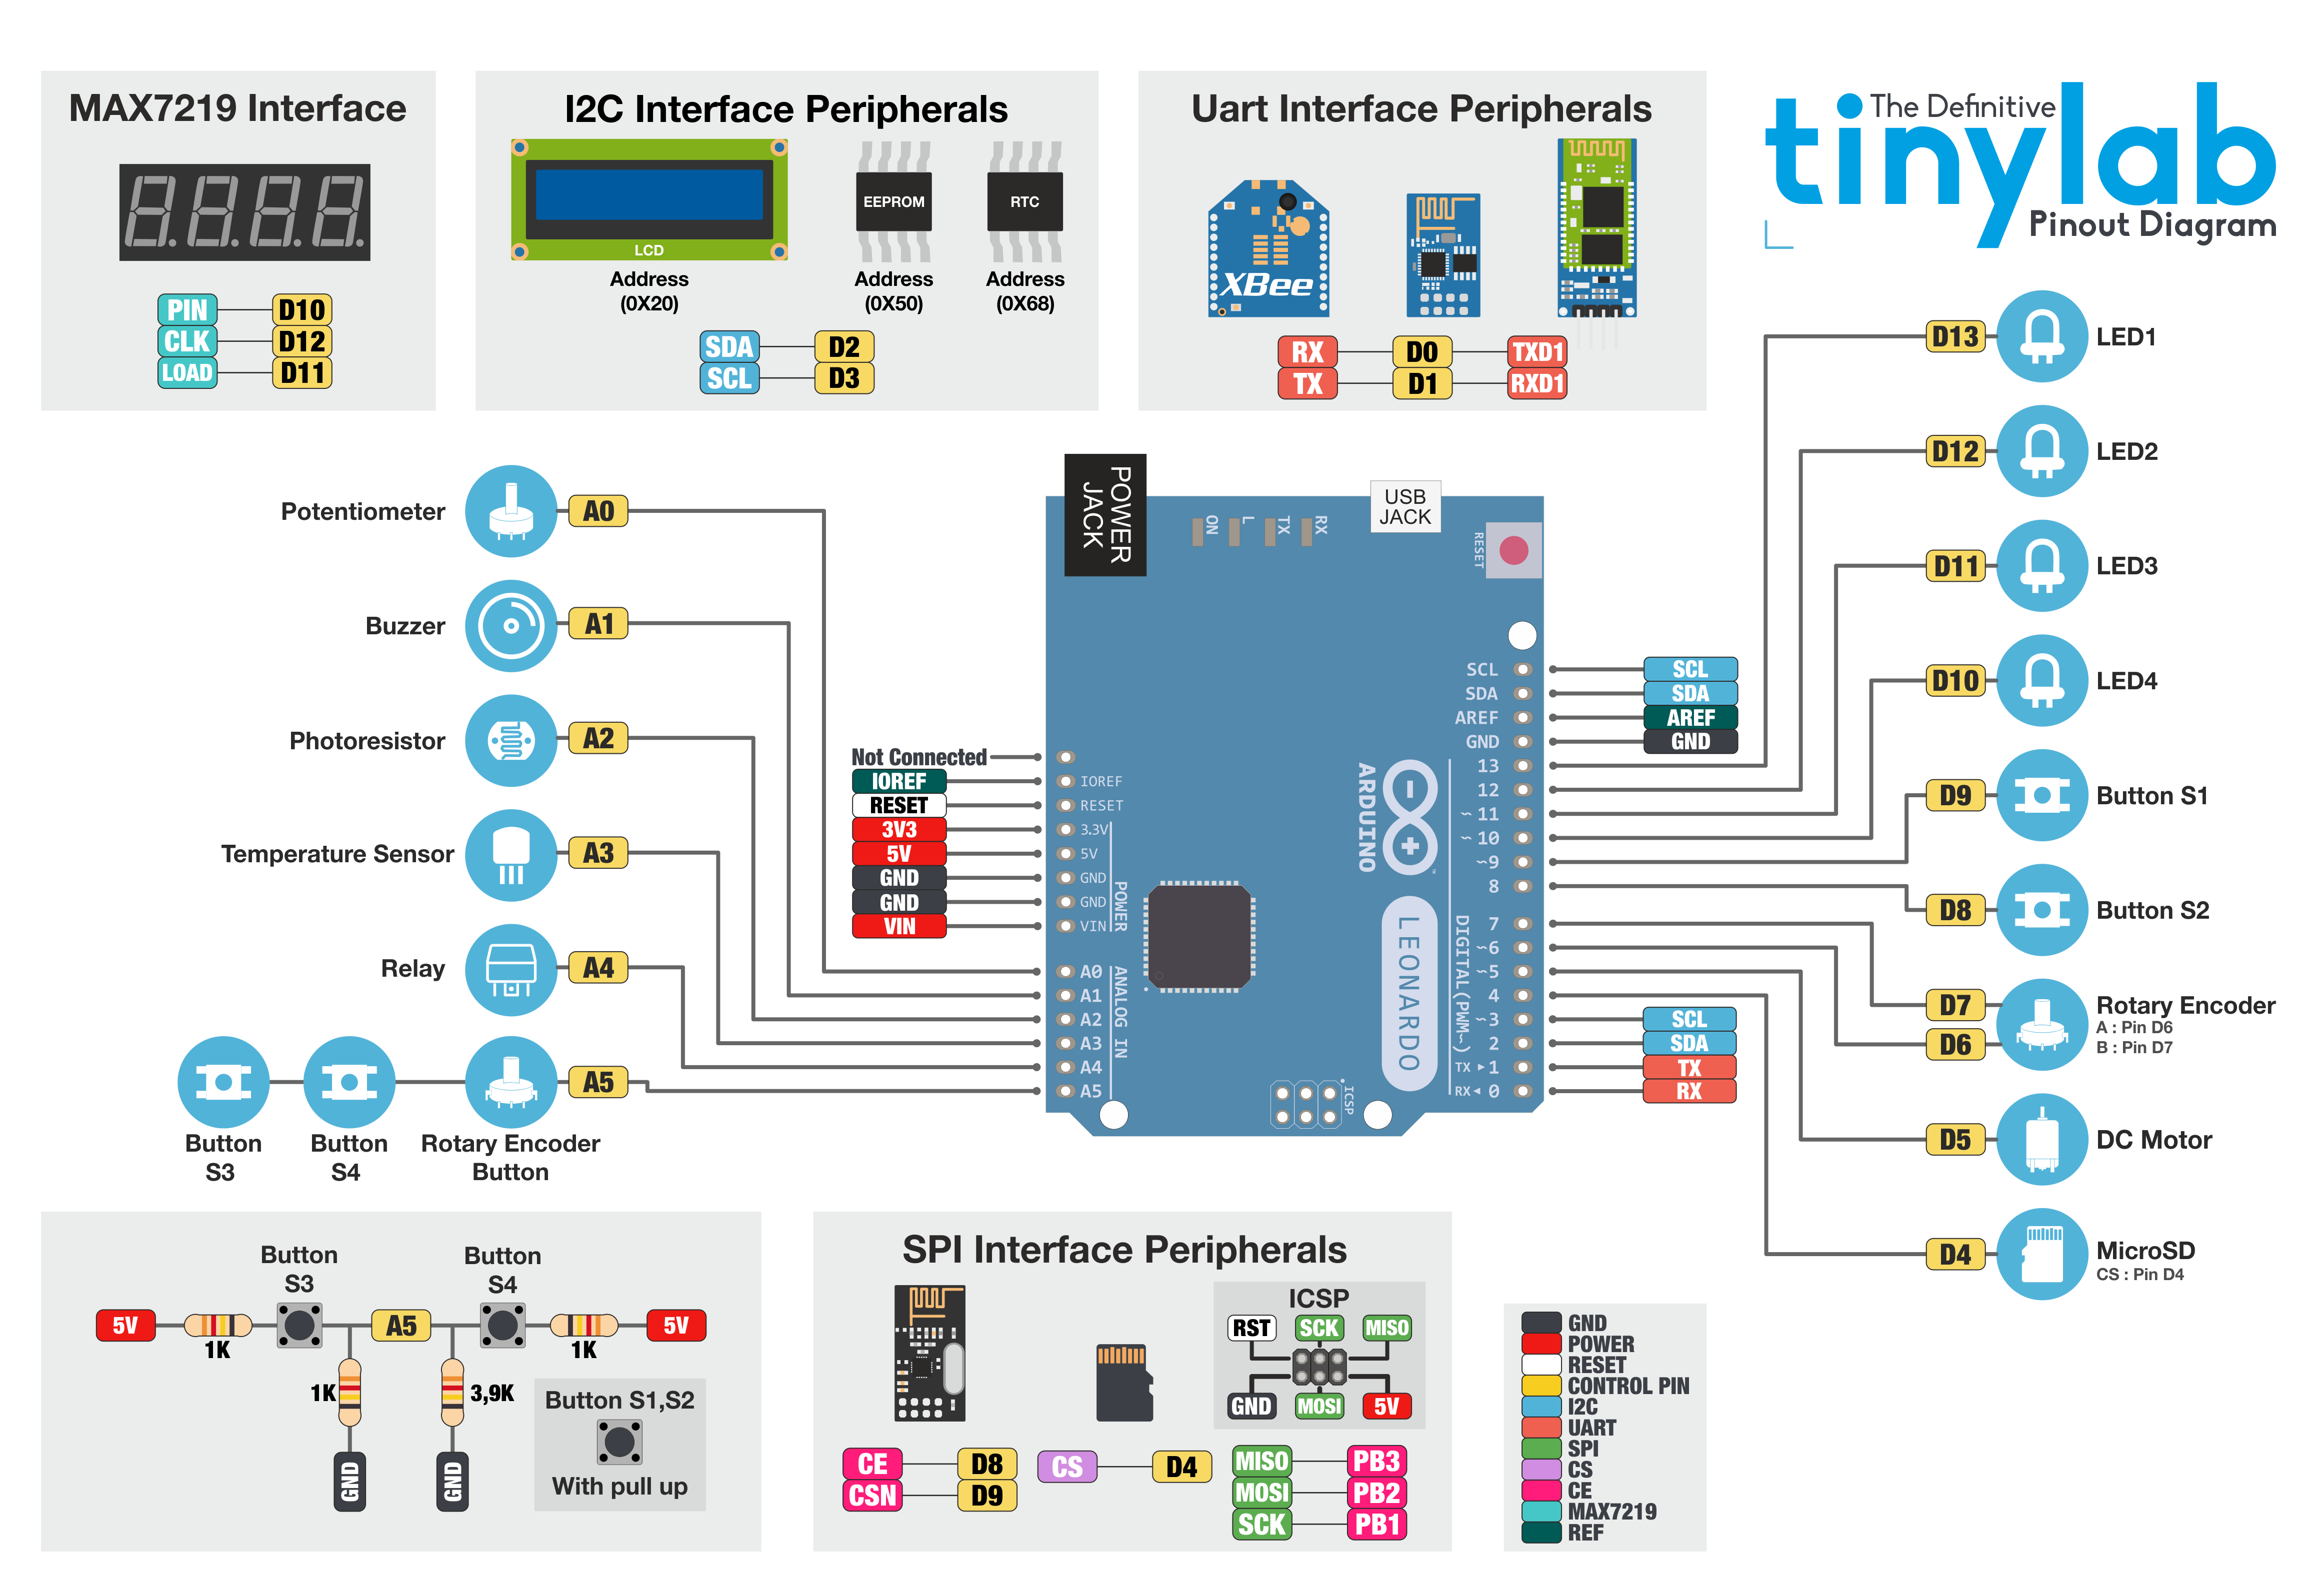 Tinylab Nezbytn Zklad 13 Arduino Arduinokit Podrobnosti Ohledn Zapojen Desky Naleznete Ve Schmatu